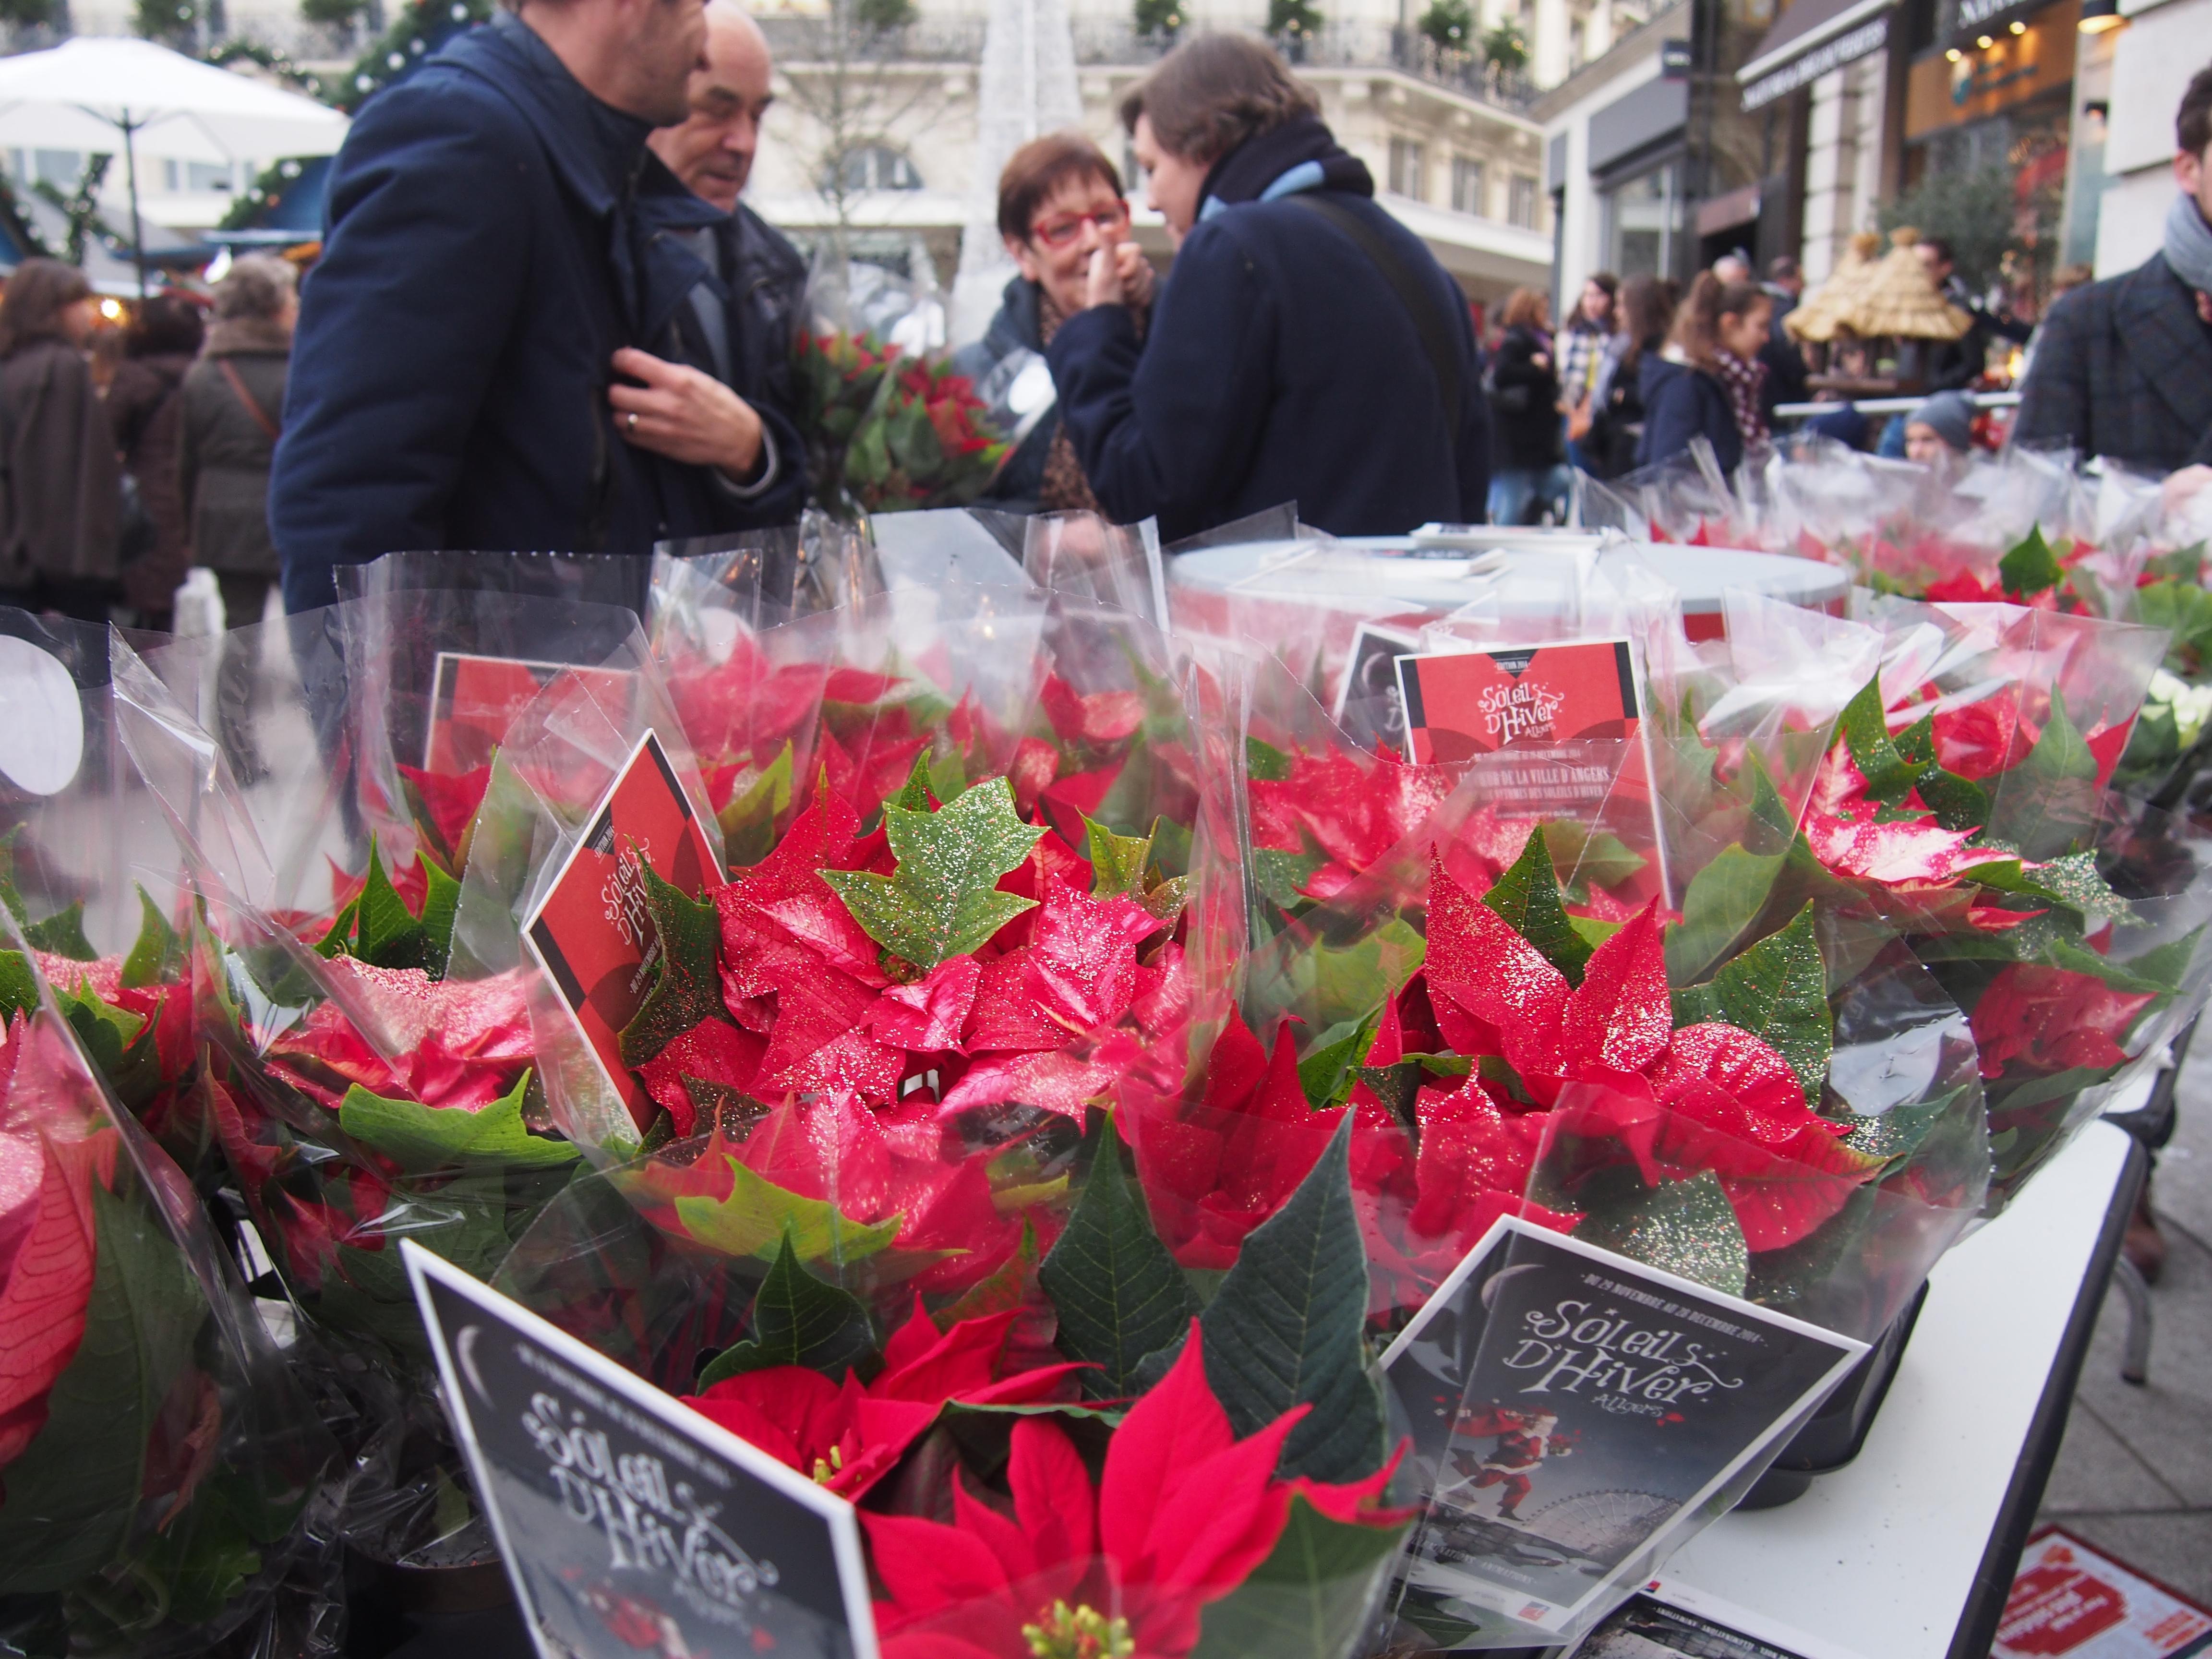 Partenariat Soleils d'hiver (opération des fêtes de fin d'année avec Angers)